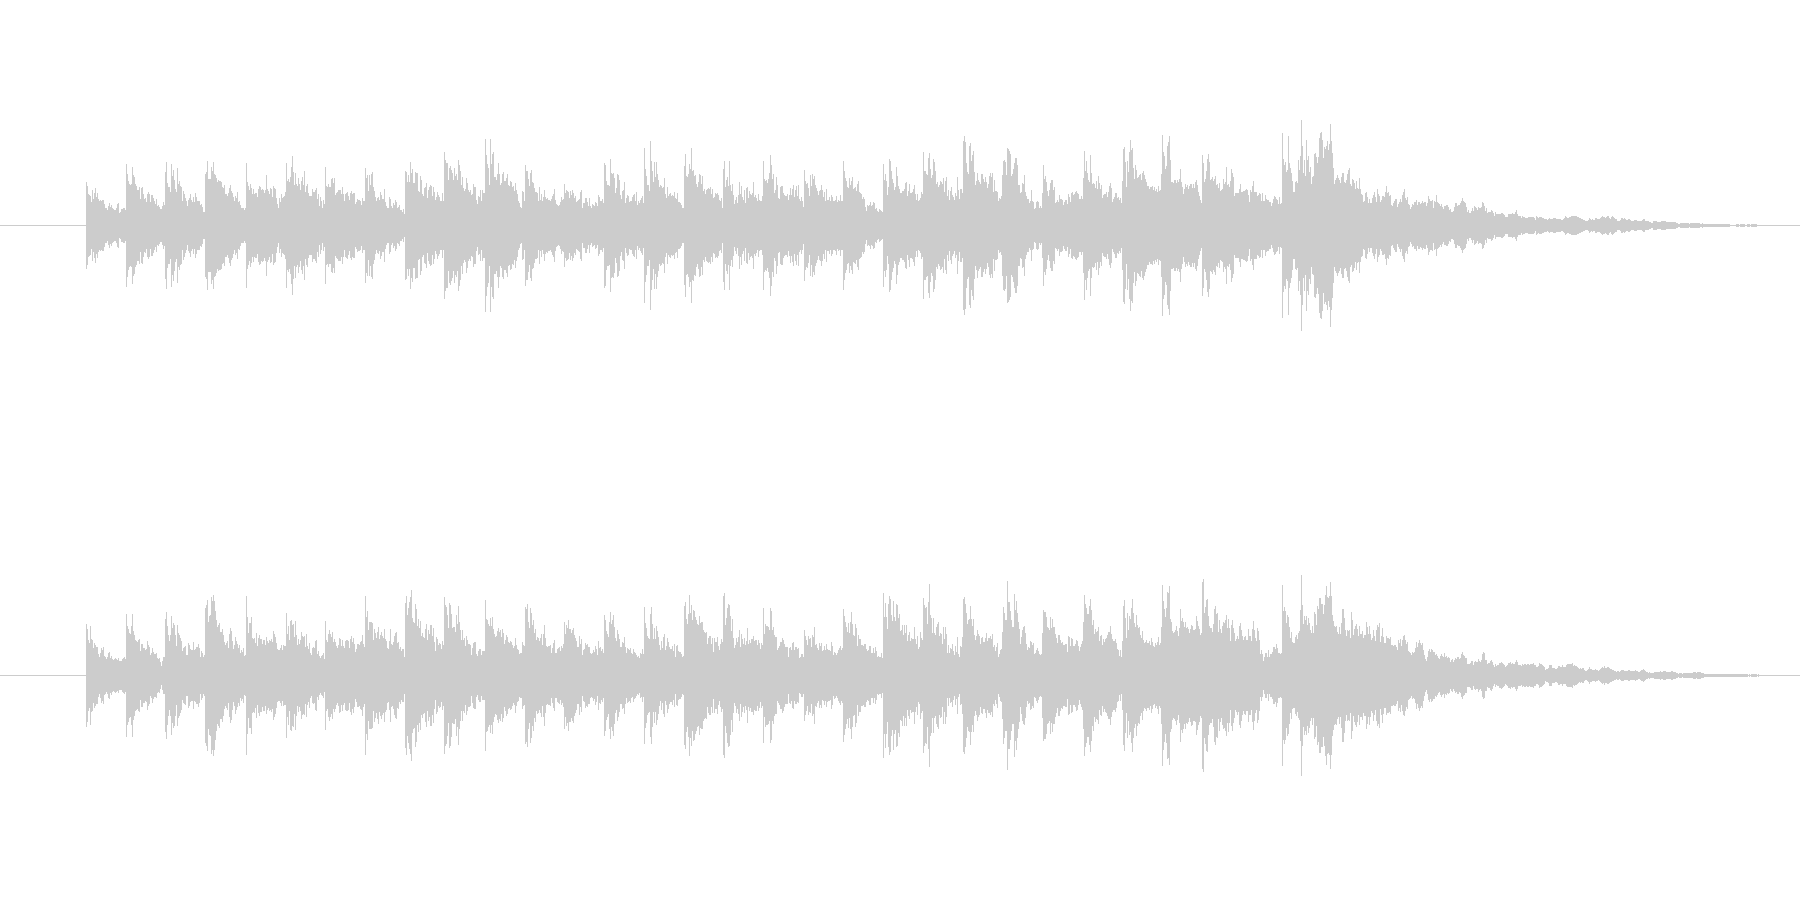 キンコン、カンコンの未再生の波形